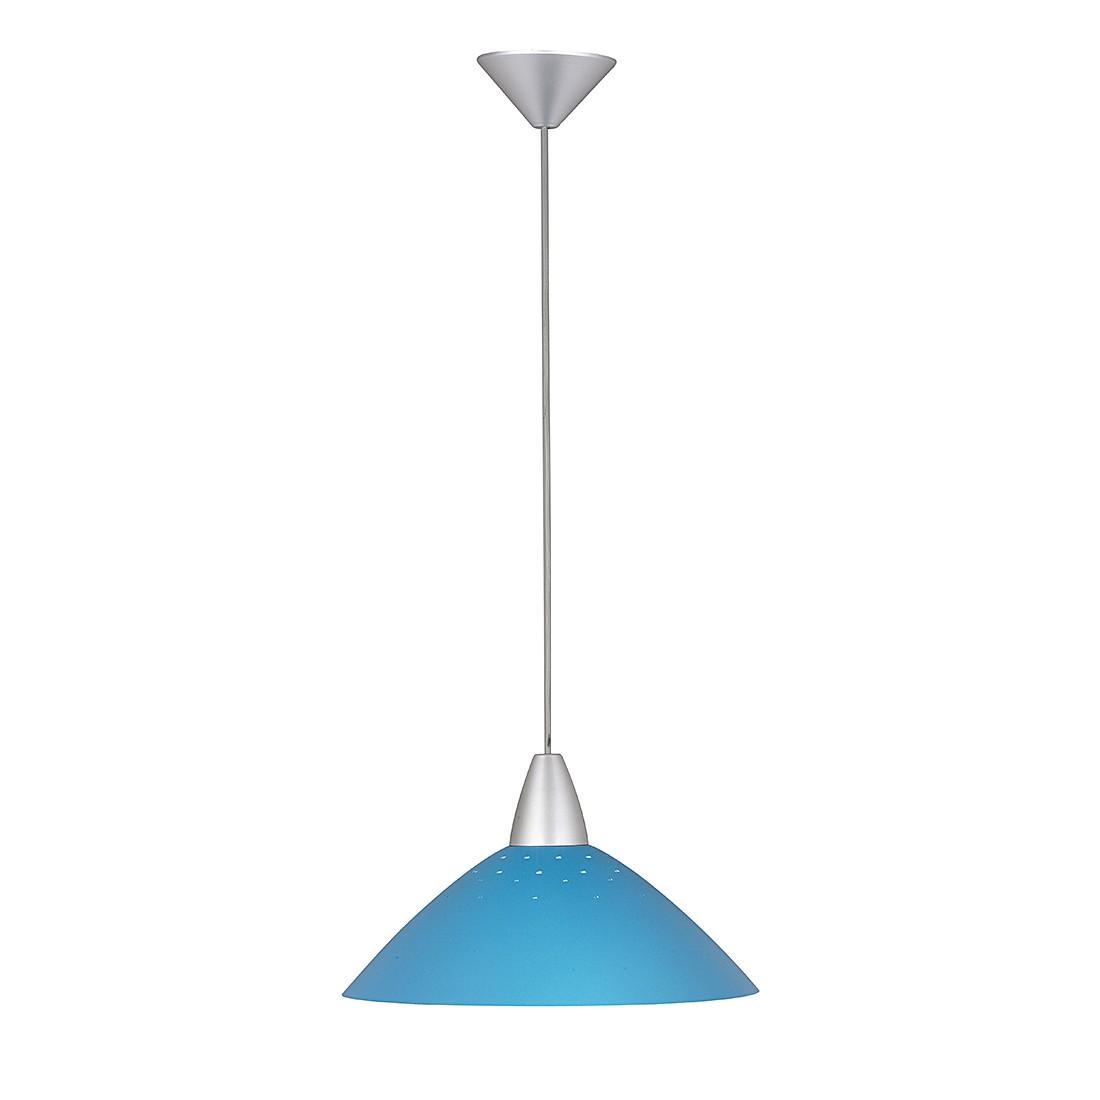 EEK A++, Pendelleuchten Sally – Metall/Glas – Schwarz – 1-flammig, Brilliant günstig bestellen